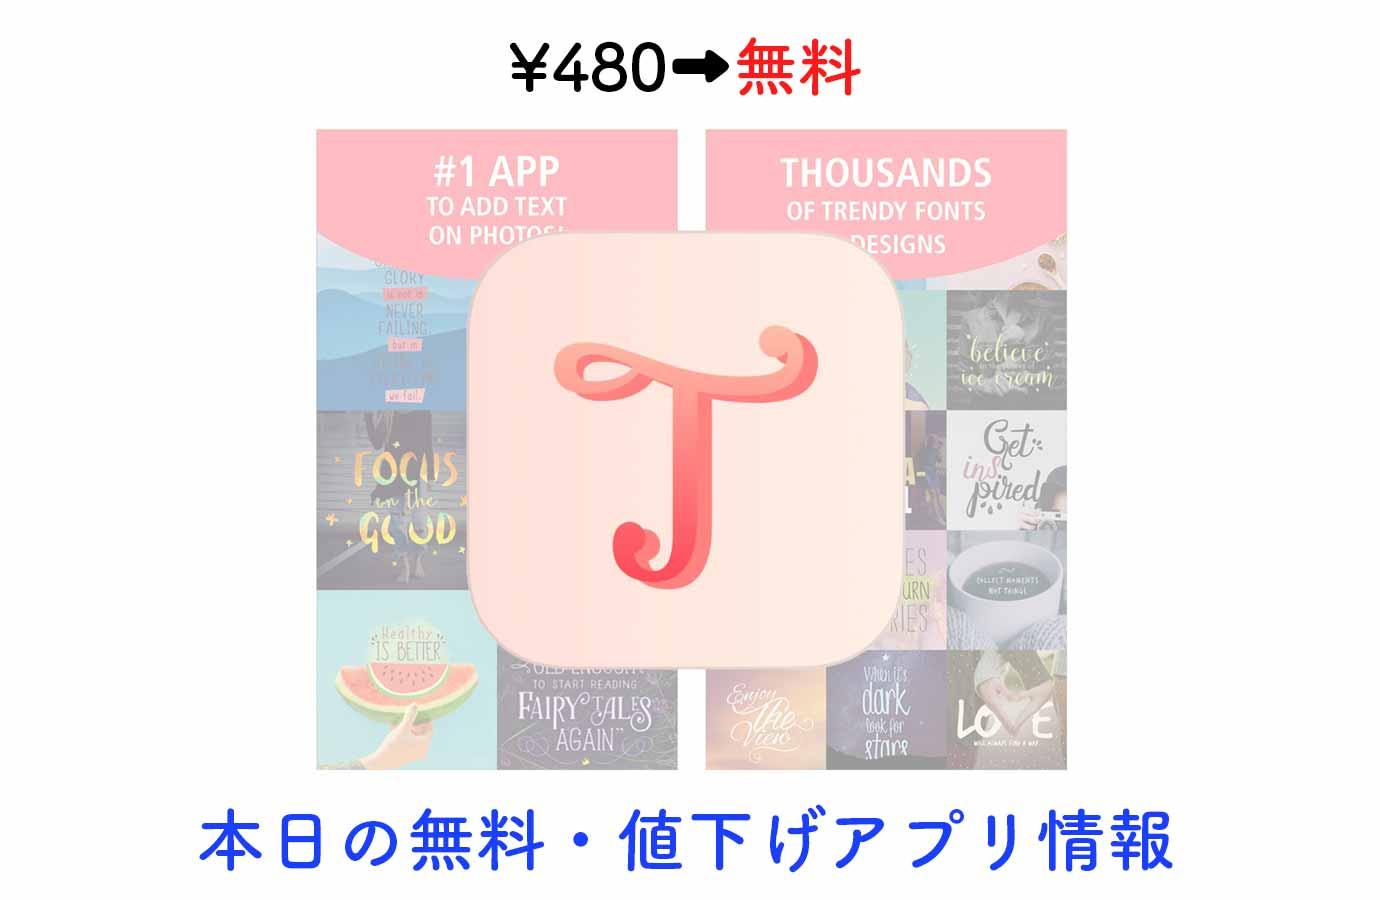 ¥480→無料、写真にオシャレな文字を追加できるアプリ「Typic」など【8/31】本日の無料・値下げアプリ情報